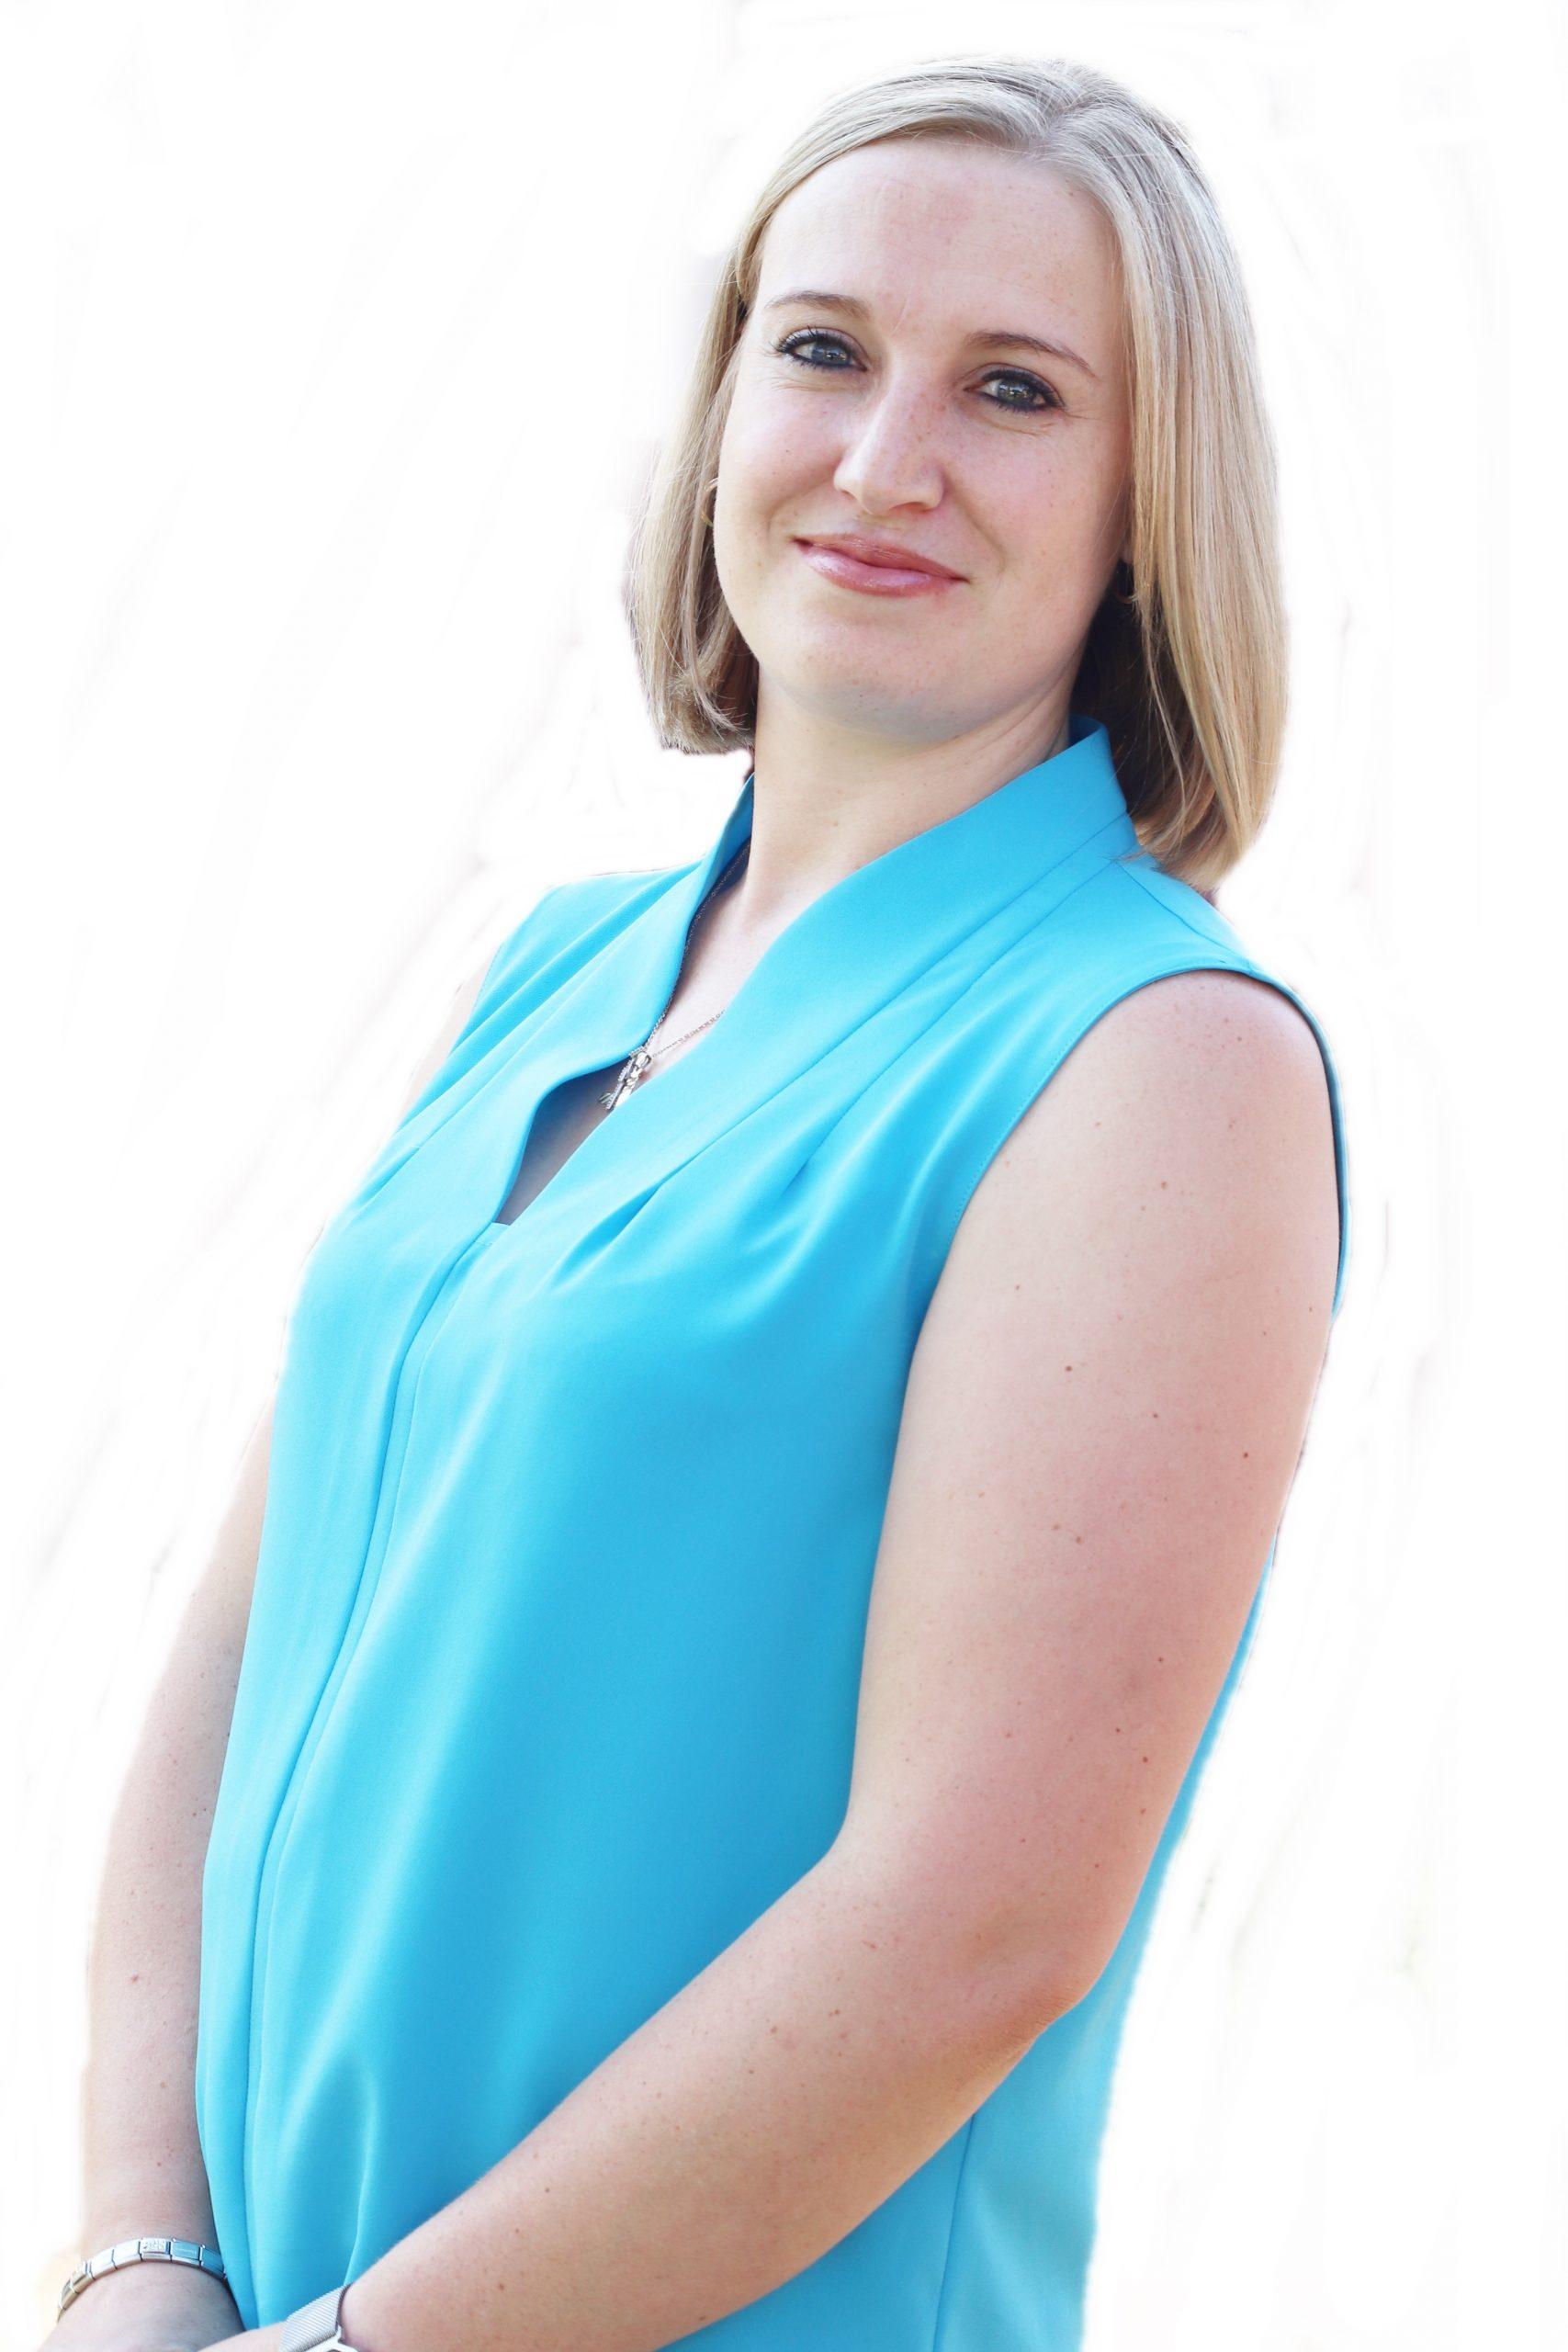 Nannette O'Brien